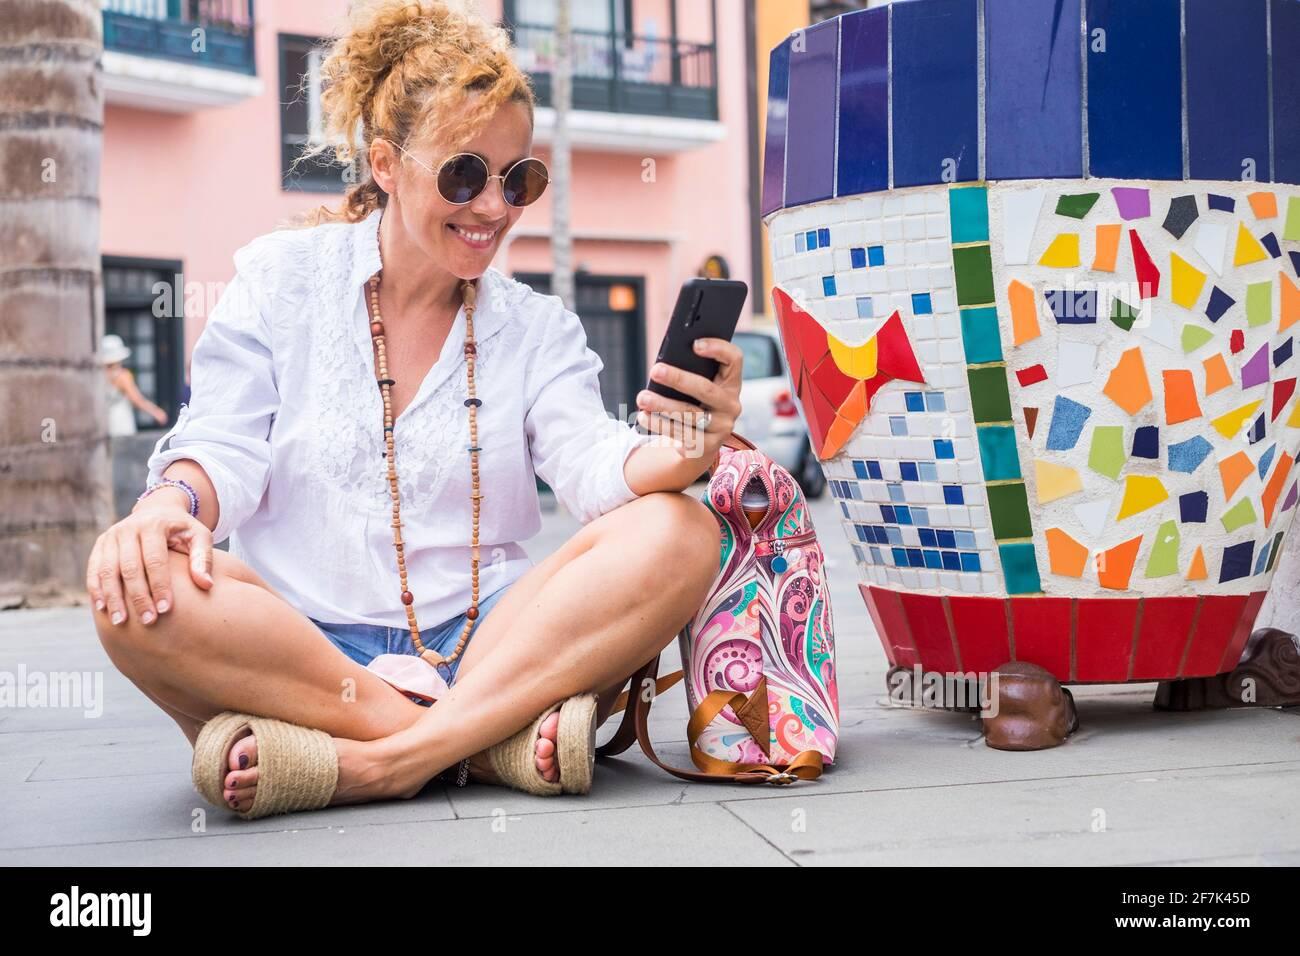 Fröhliche junge Touristenfrau wit auf dem Boden in der Stadt und verwenden Sie Wireless WiFi-Verbindung kostenlos imit Telefon tun Eine Videokonferenz zu Frie Stockfoto